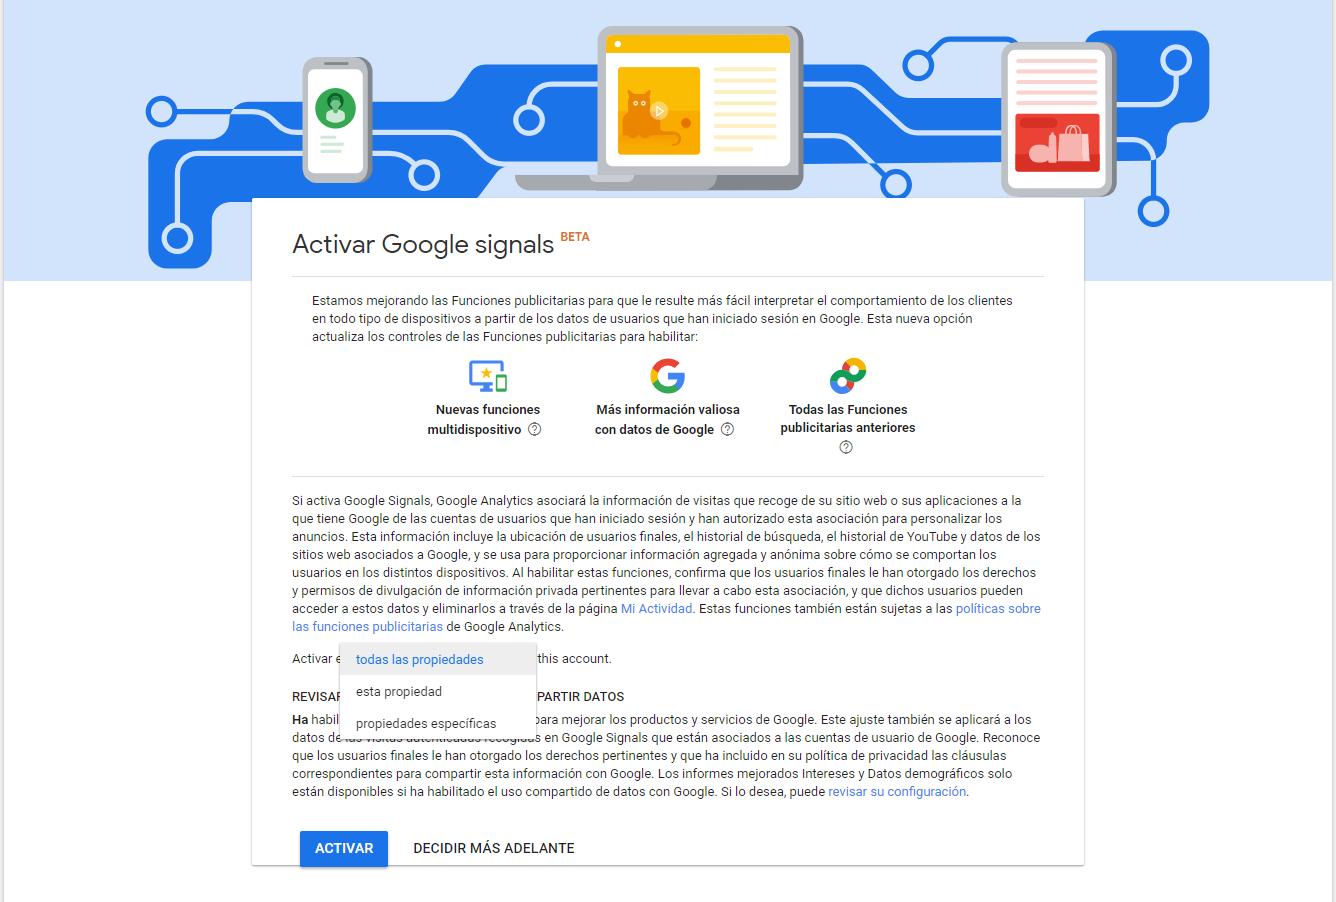 Configuración Propiedad en Activar Google Signals